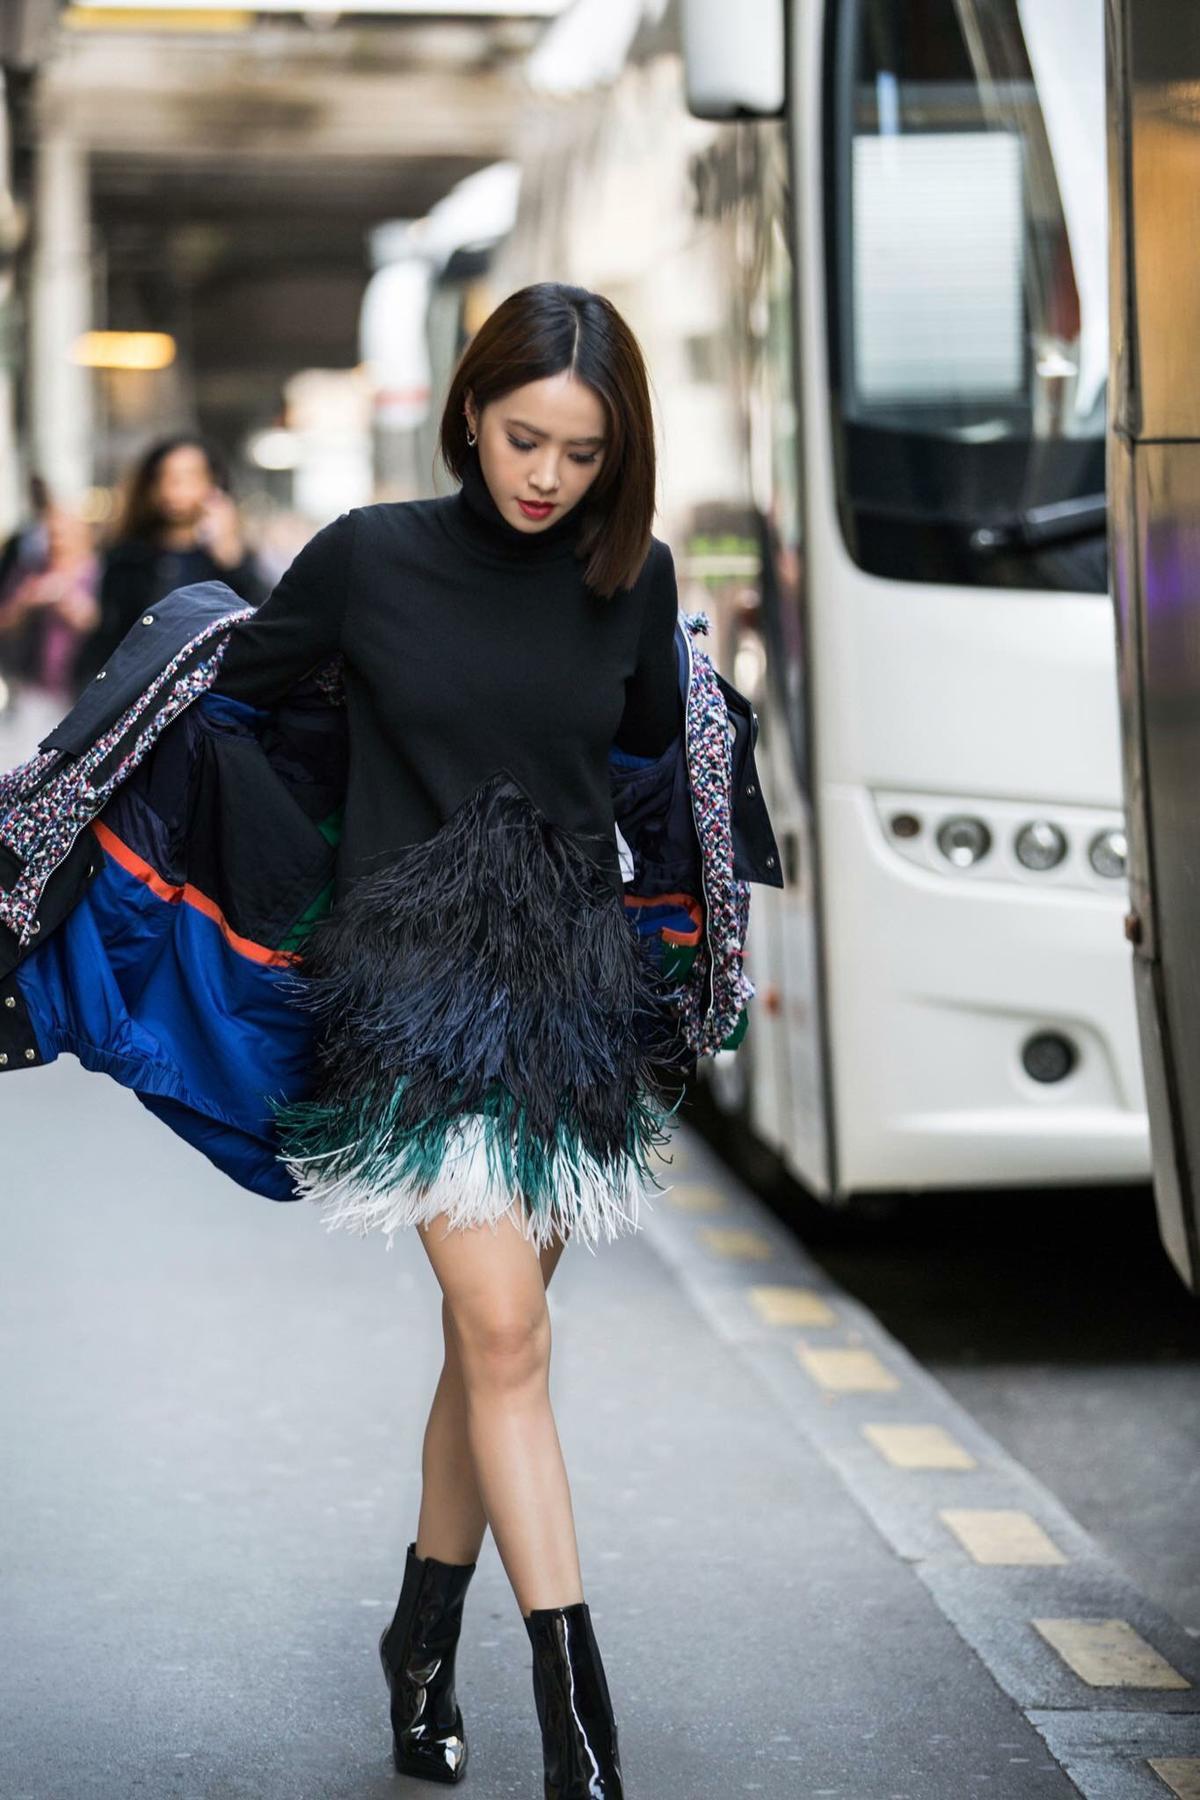 羽毛系列的服裝能成就氣勢也能變LOW,蔡依林在國際時裝周上將羽毛裙,反差搭配外套,呈現矛盾美。(摘自蔡依林粉絲臉書)